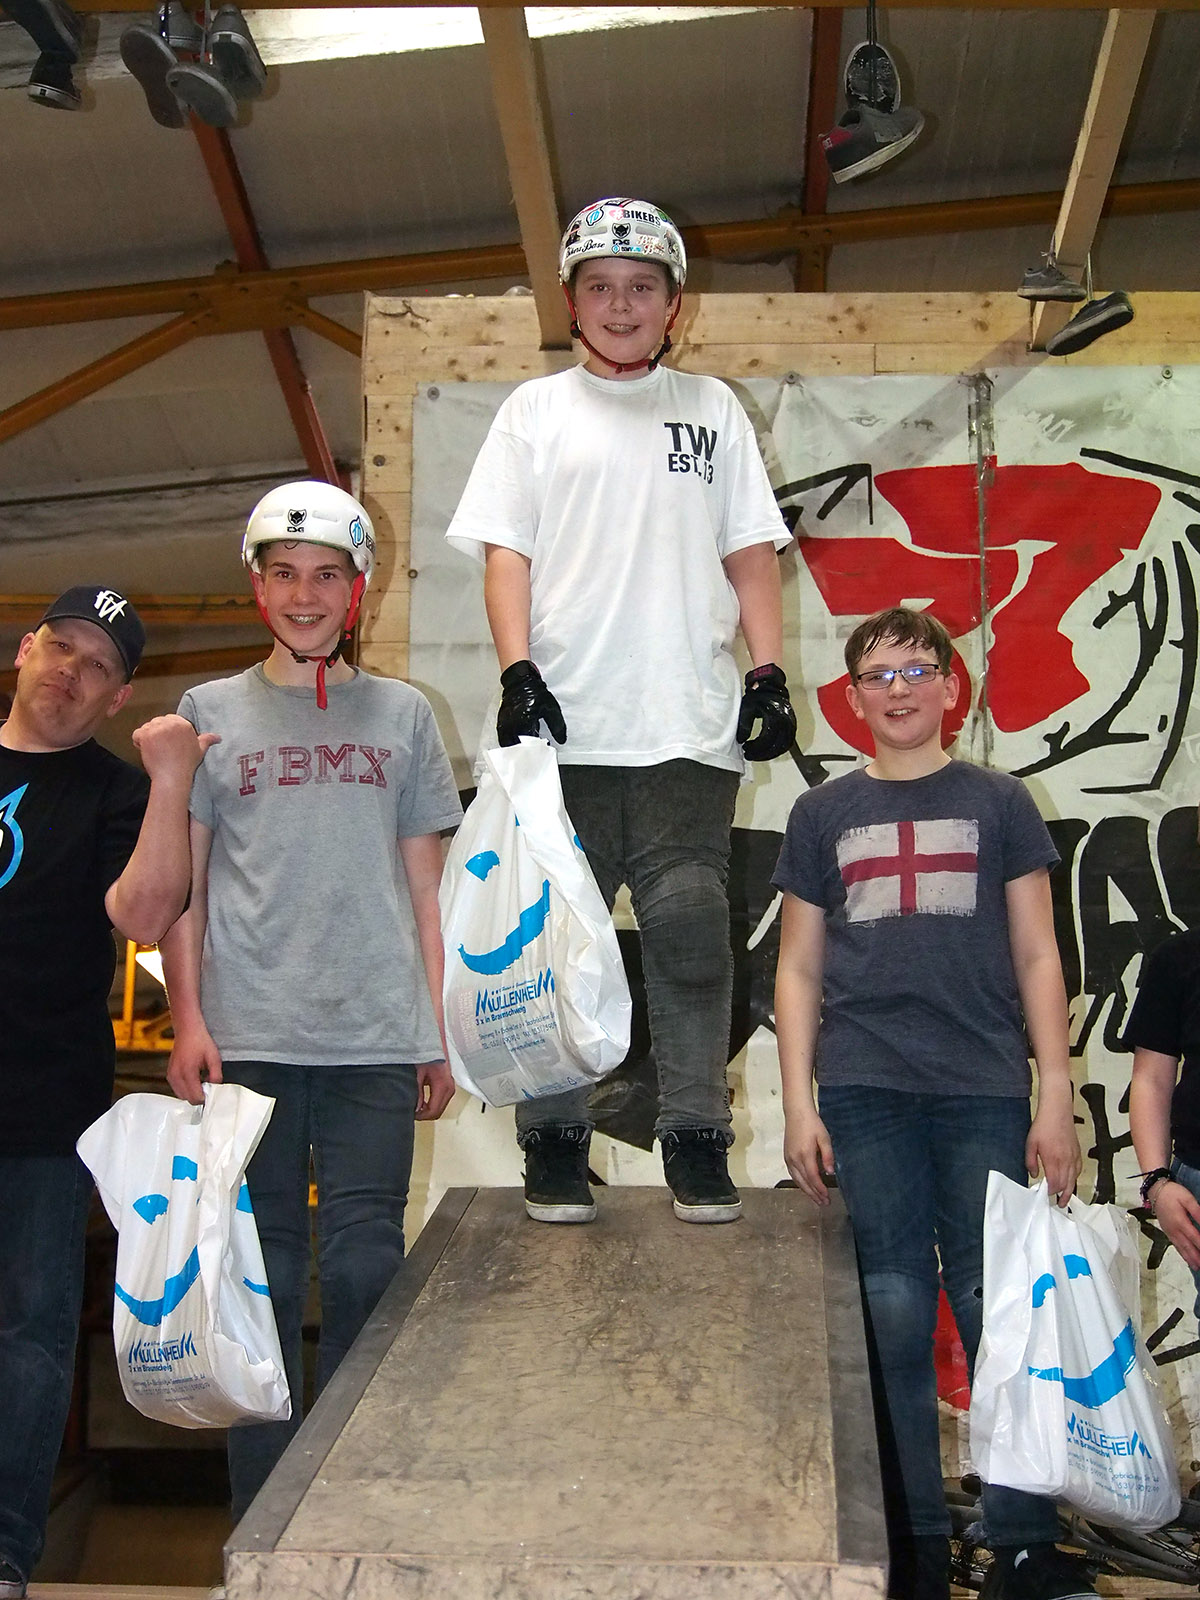 Die Gewinner der Beginnerklasse (bis 10 Jahre) beim 1. Stopp des New Kids Generation Nachwuchscontests in Braunschweig